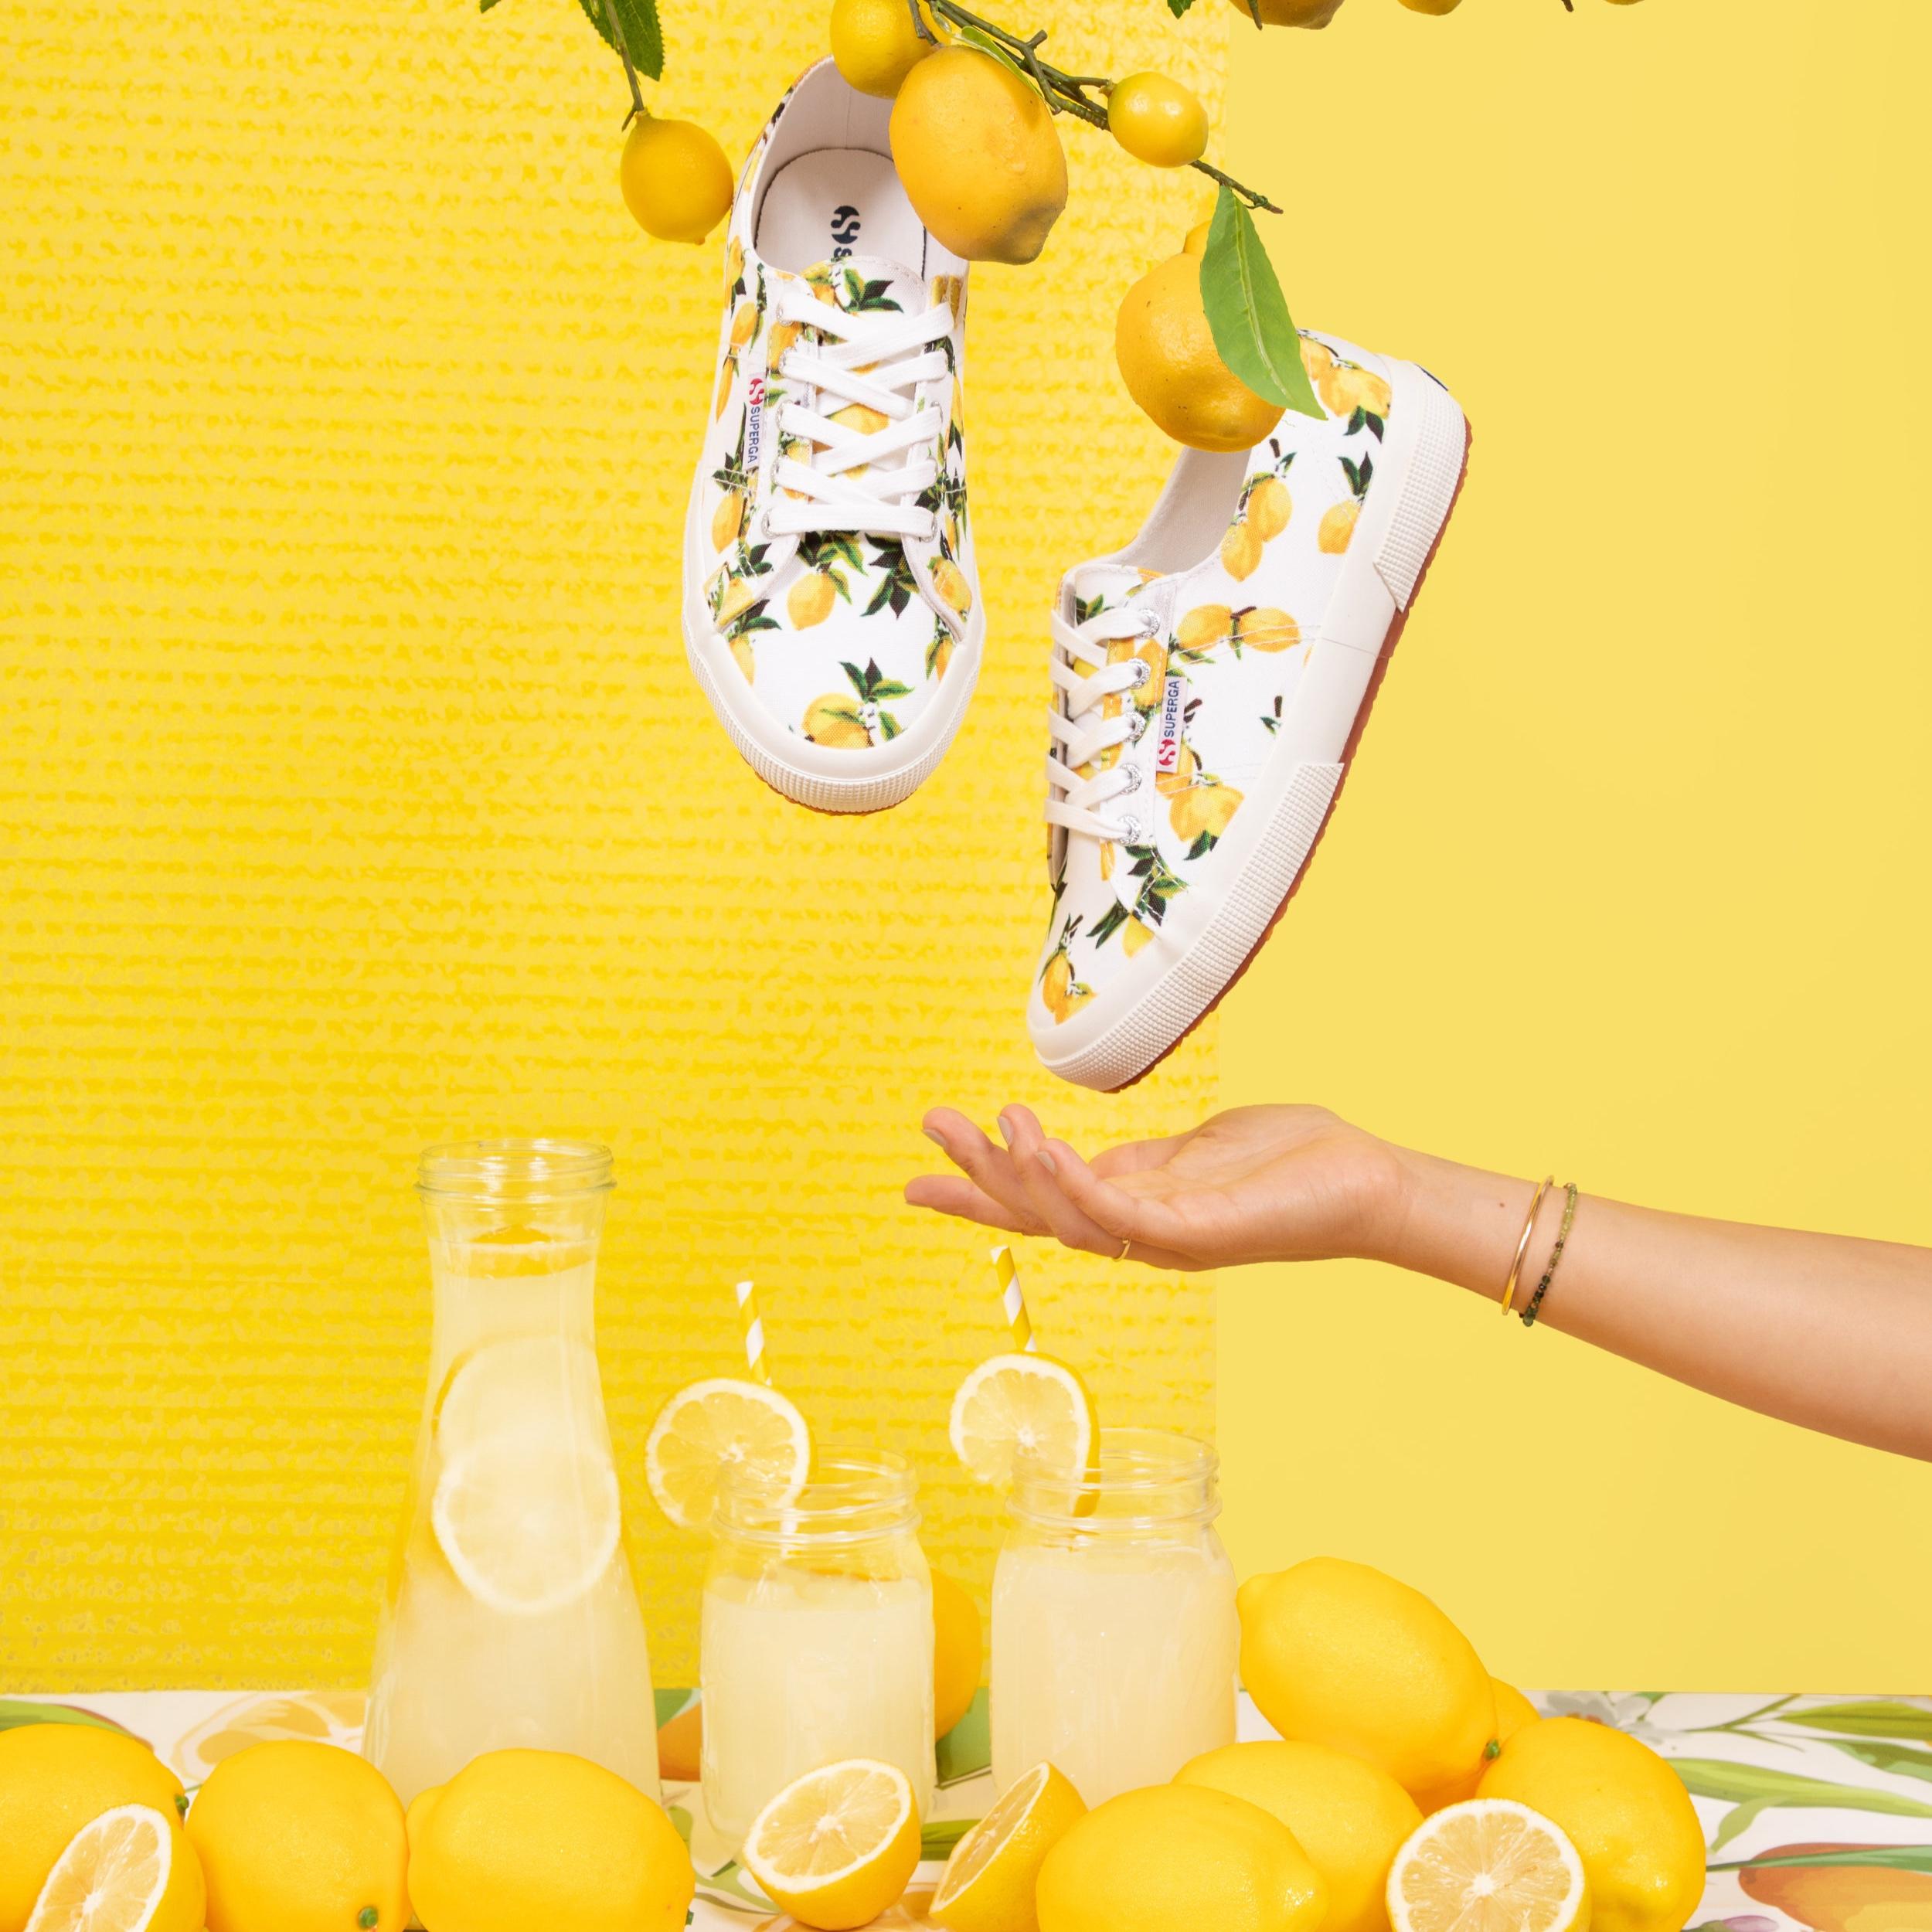 Lemonade_Day-2700.jpg